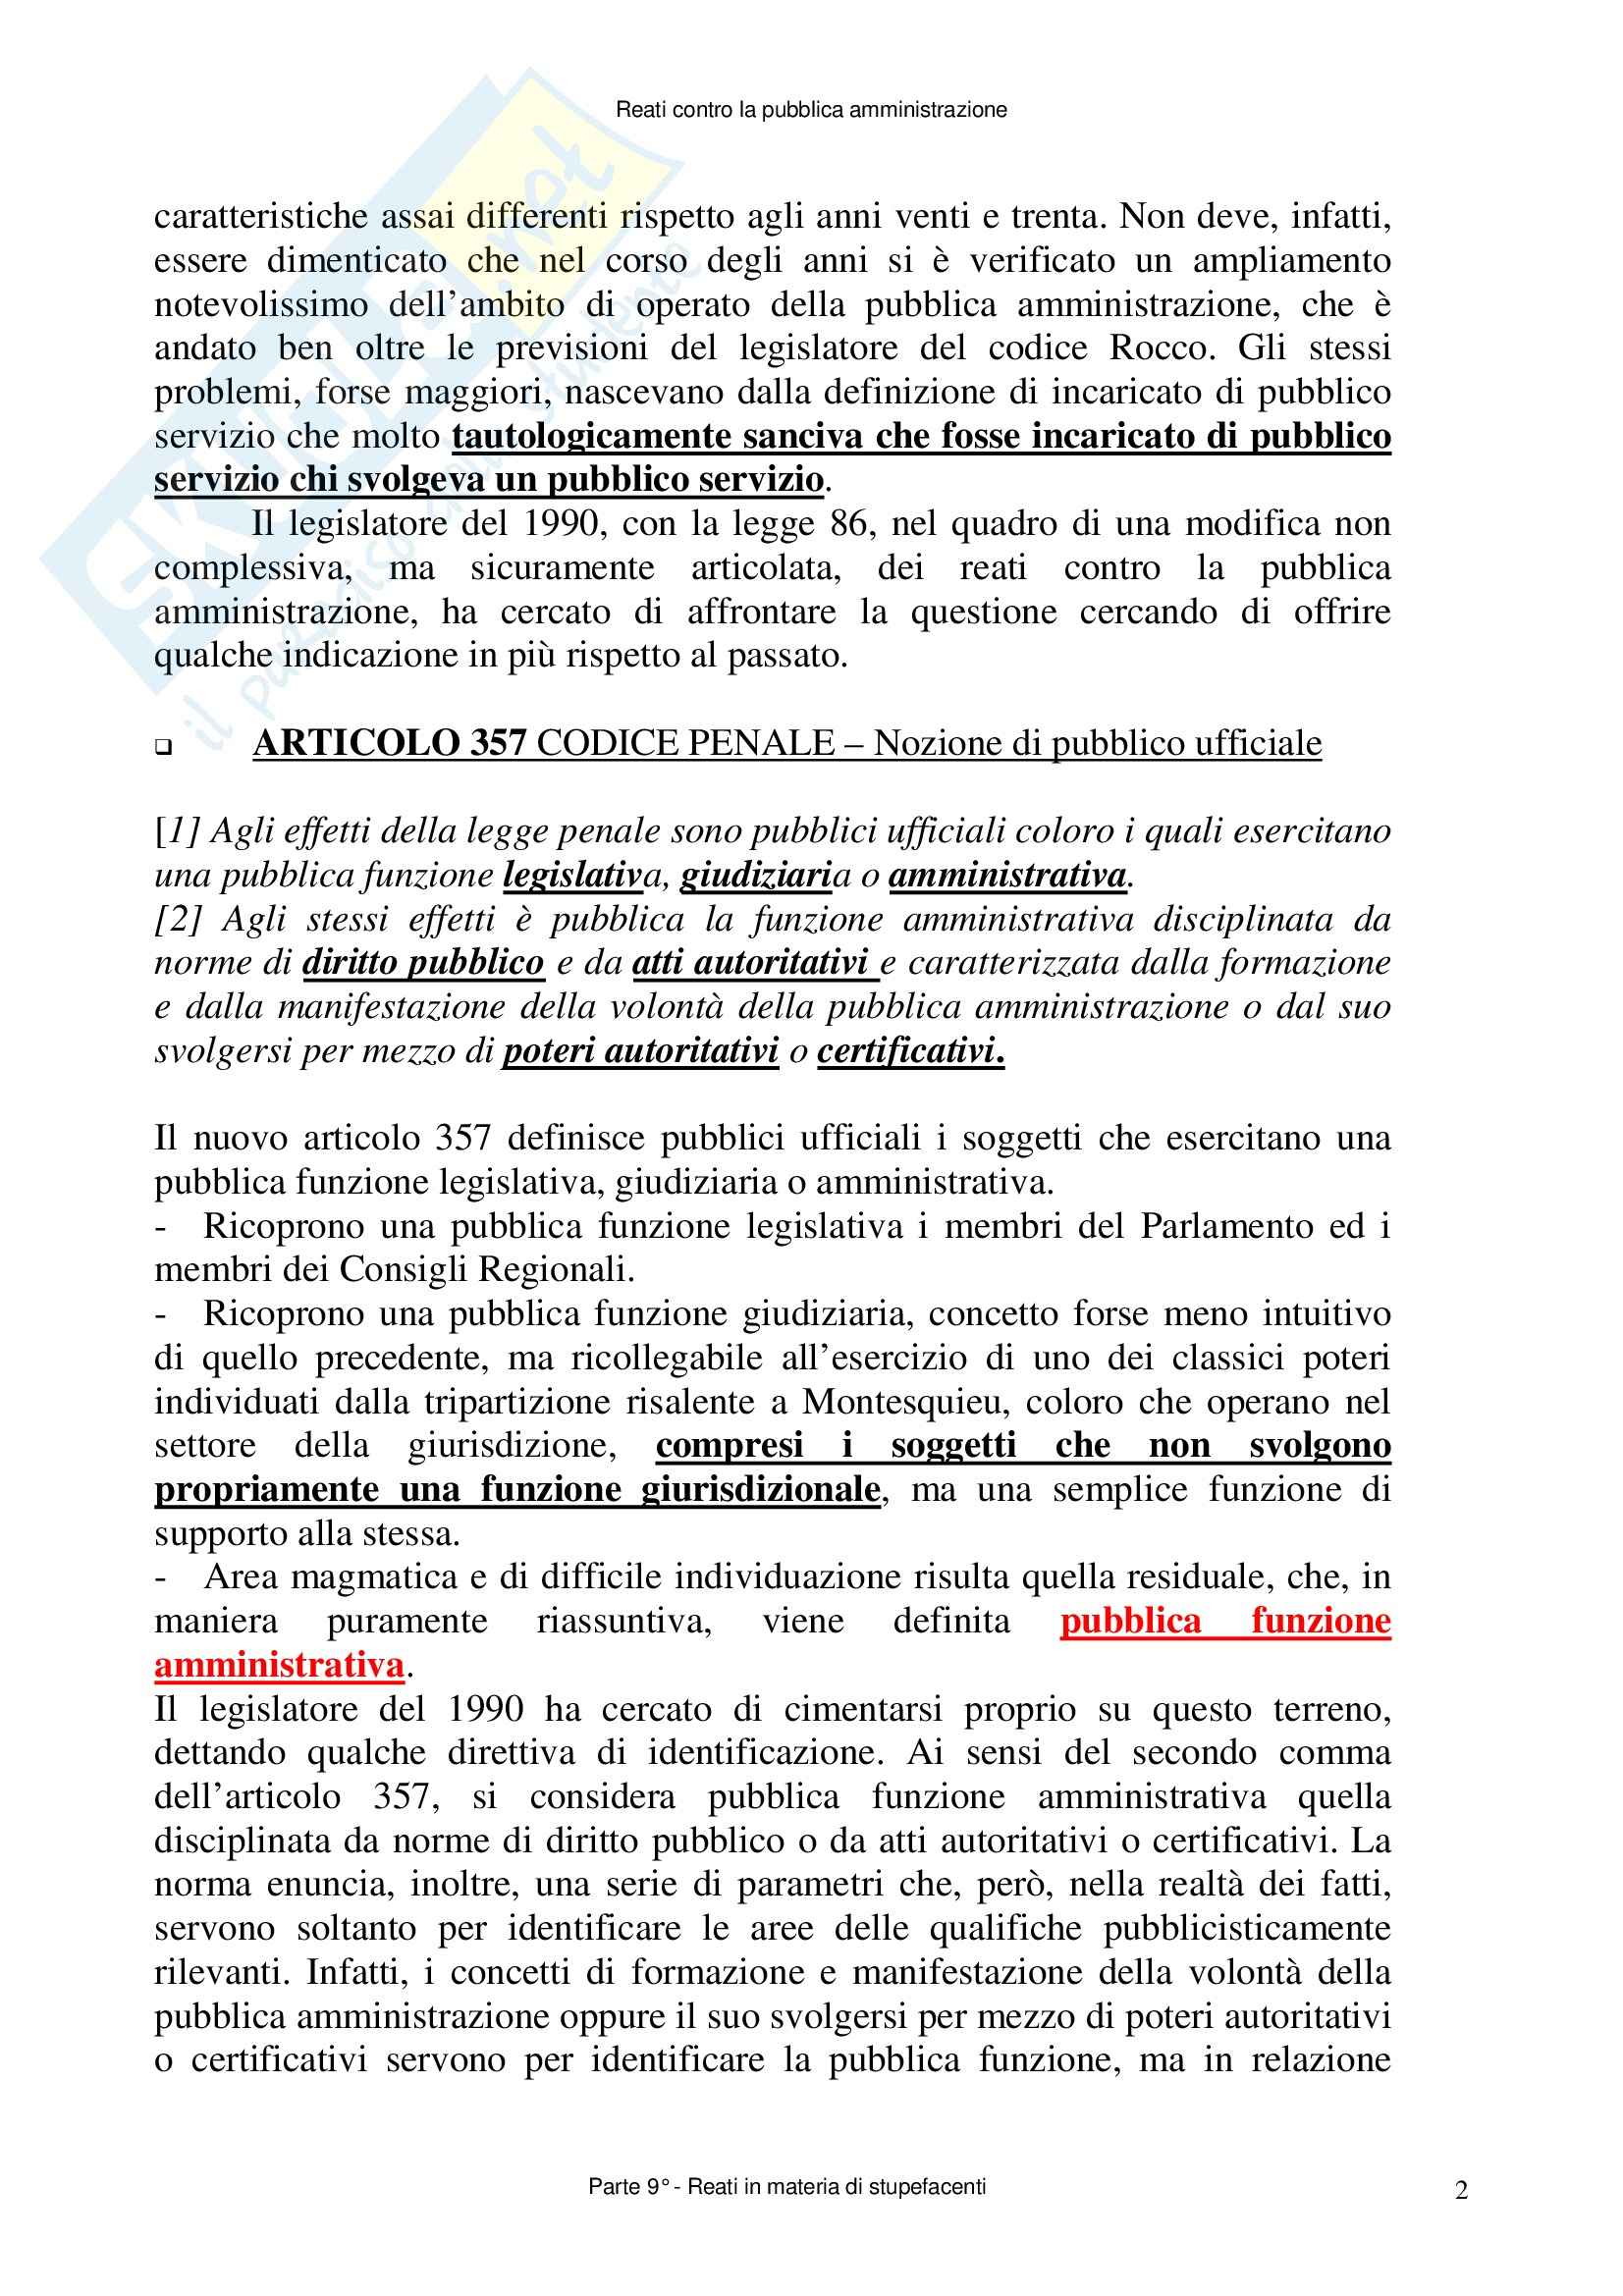 Diritto penale - reati contro la Pubblica Amministrazione- Appunti Pag. 2